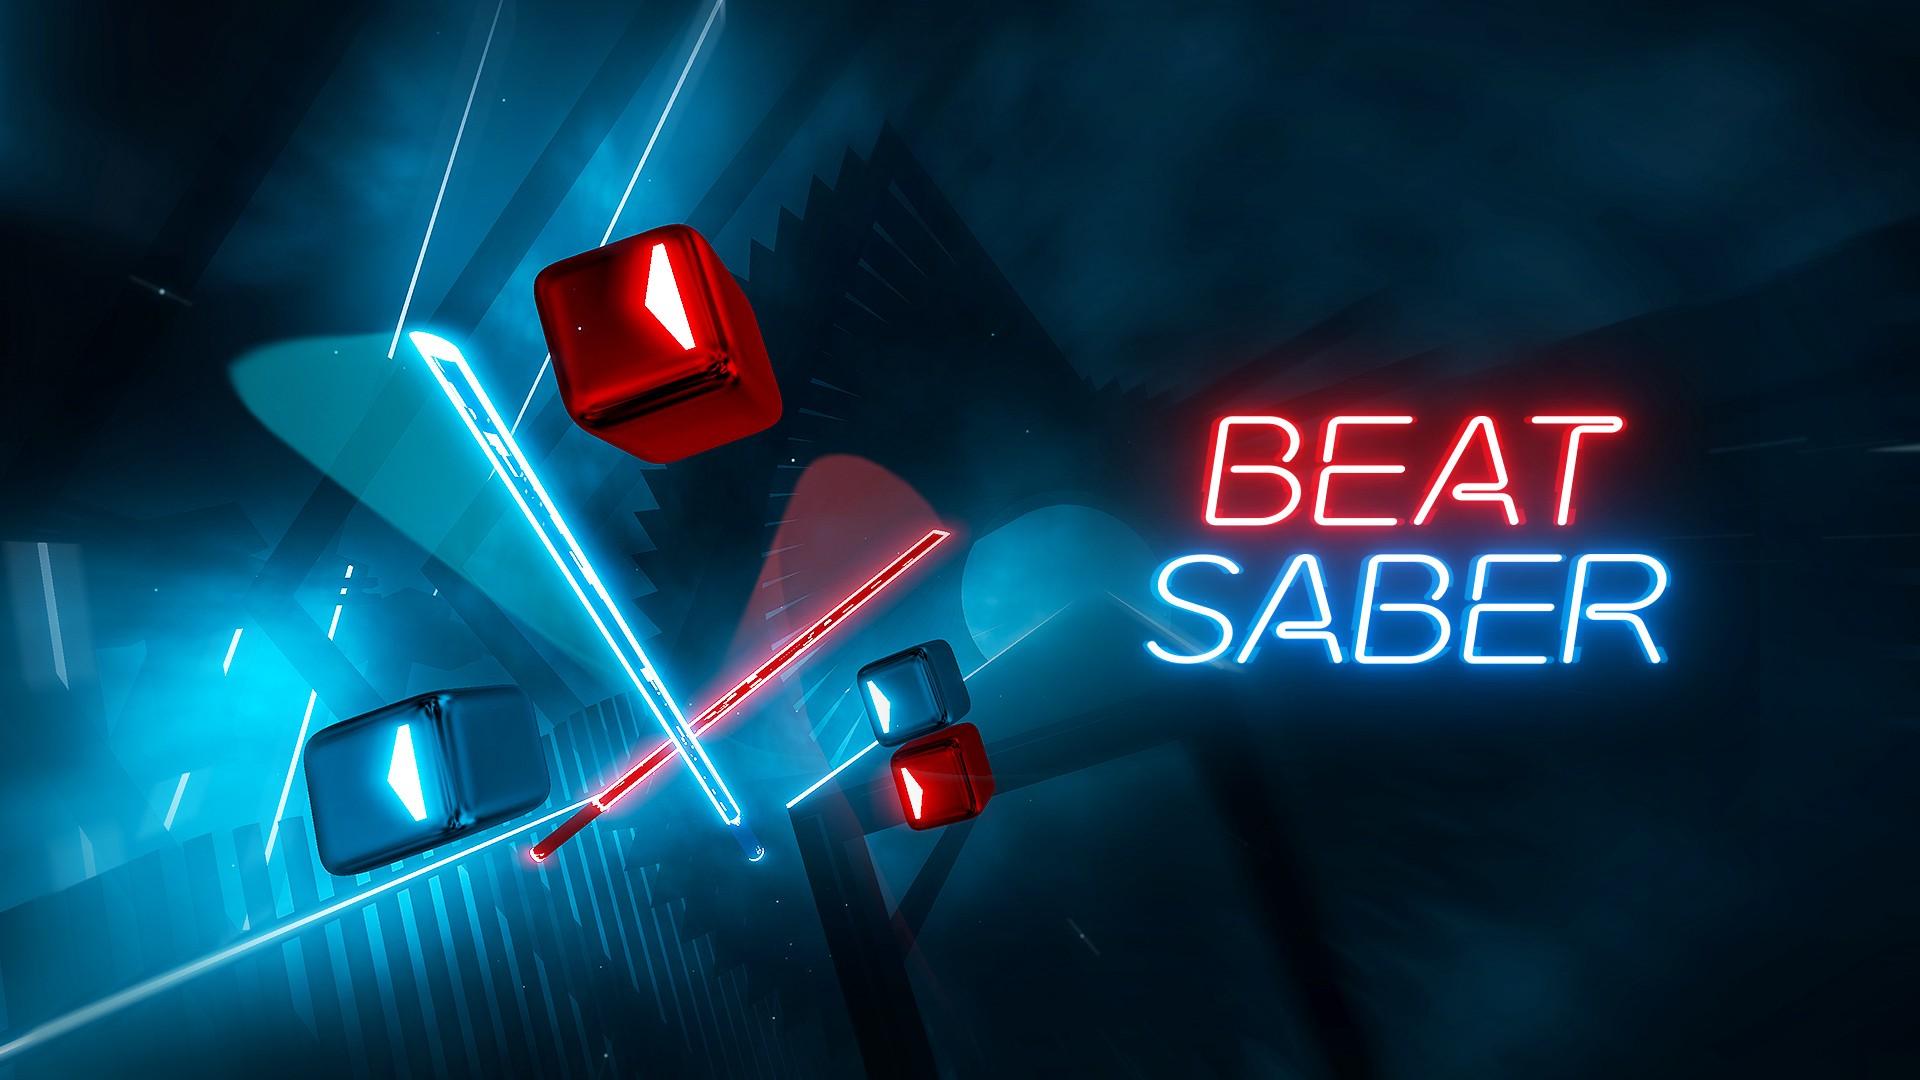 beat saber logo